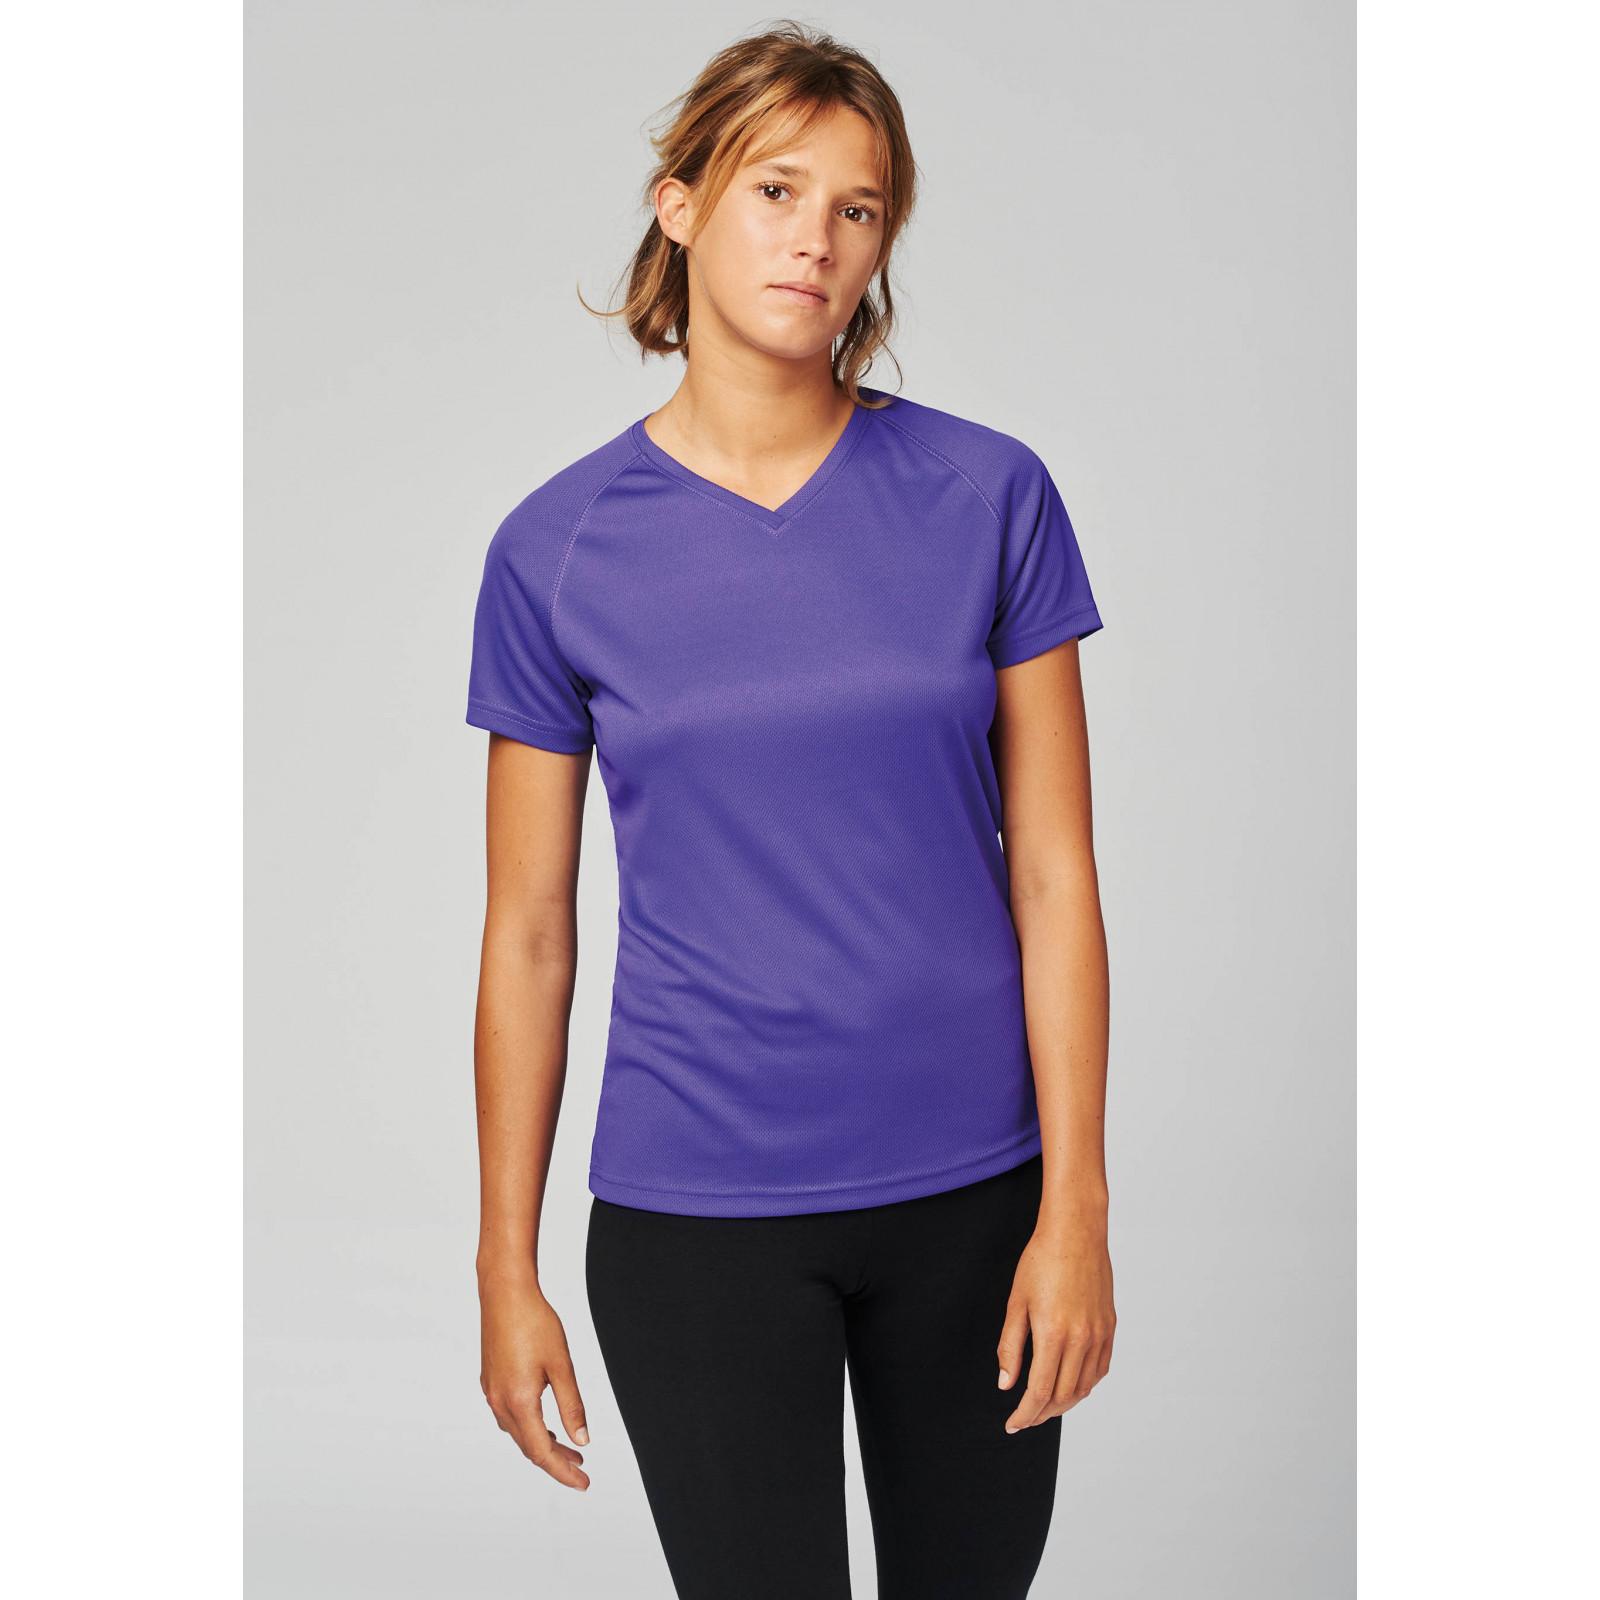 T-shirt de sport manches courtes col v femme PROACT (PA477)